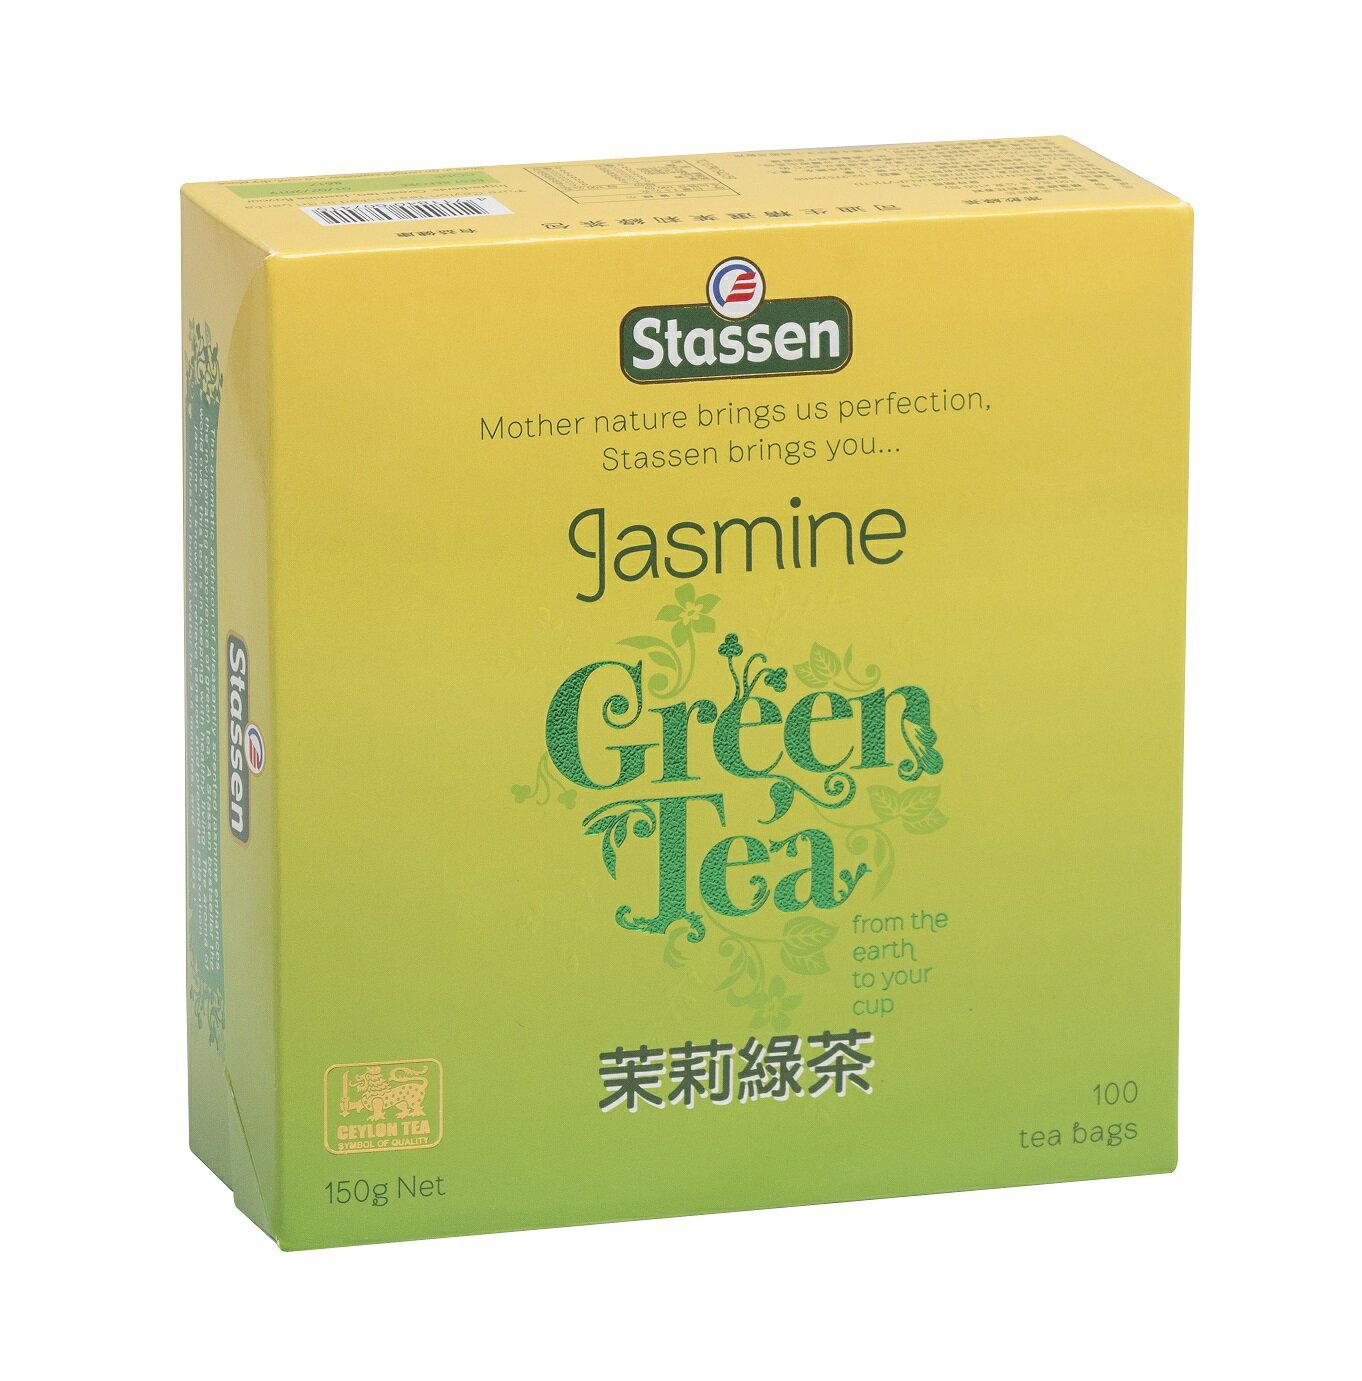 Stassen 司迪生★茉莉綠茶★【100入*36盒】